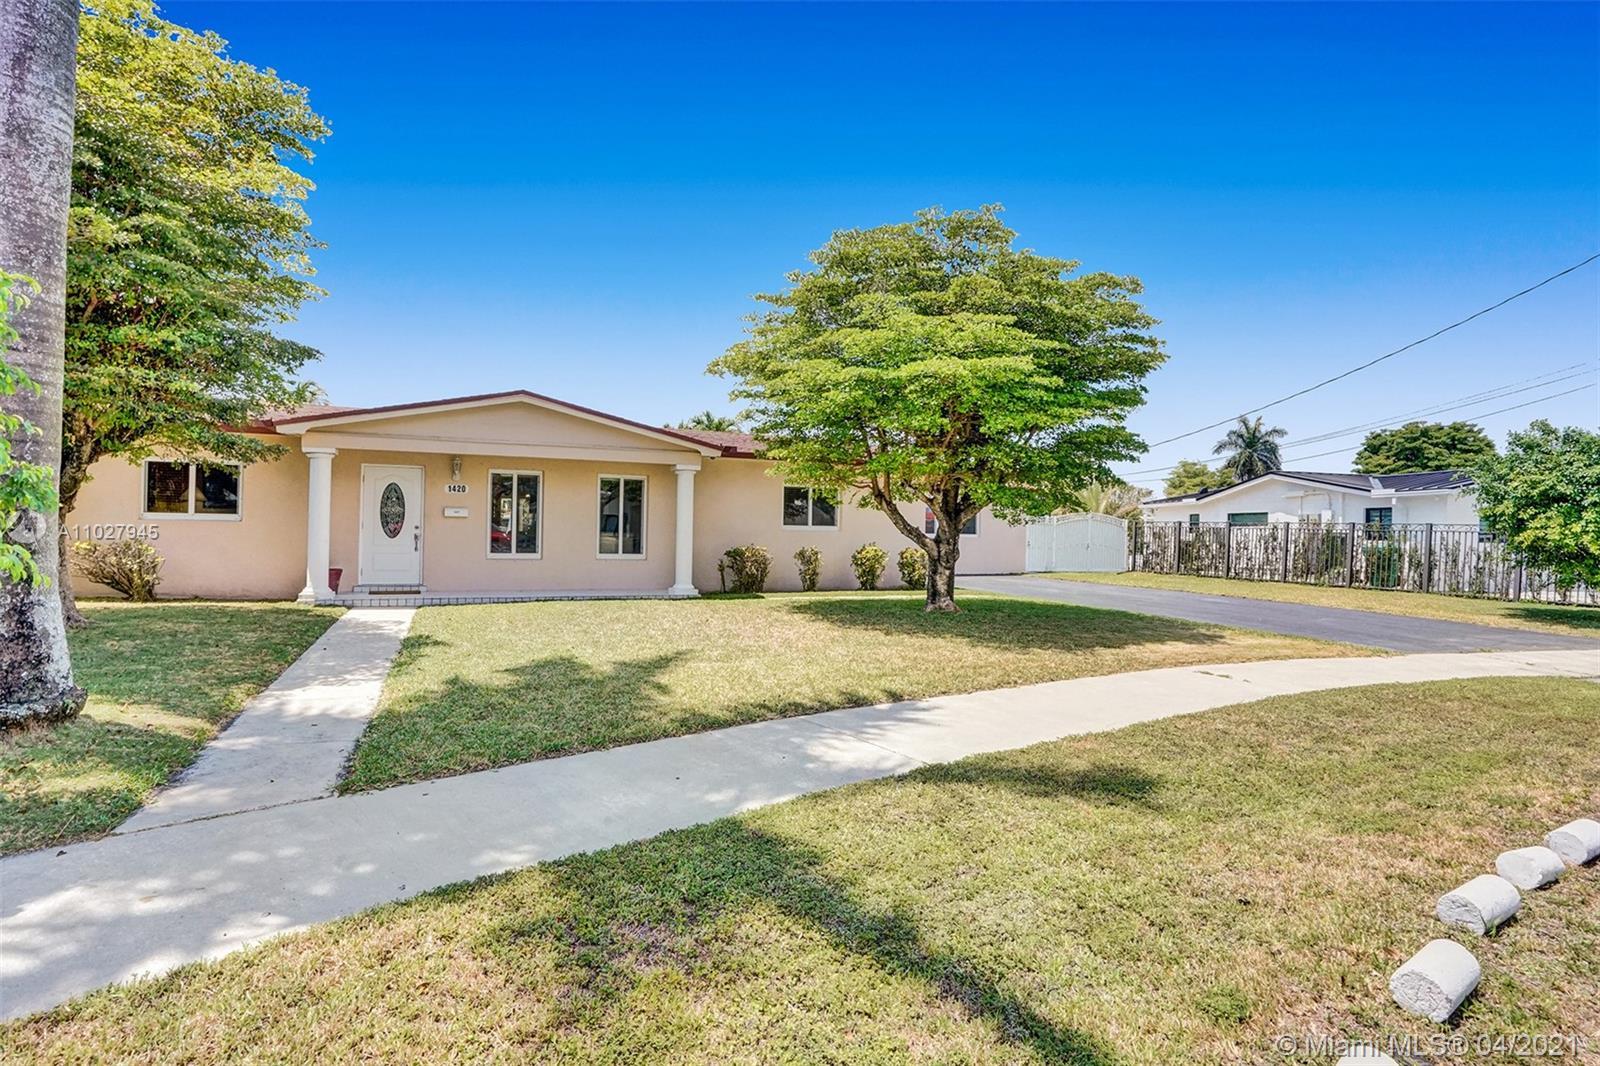 Coral Park Estates - 1420 SW 99th Ave, Miami, FL 33174